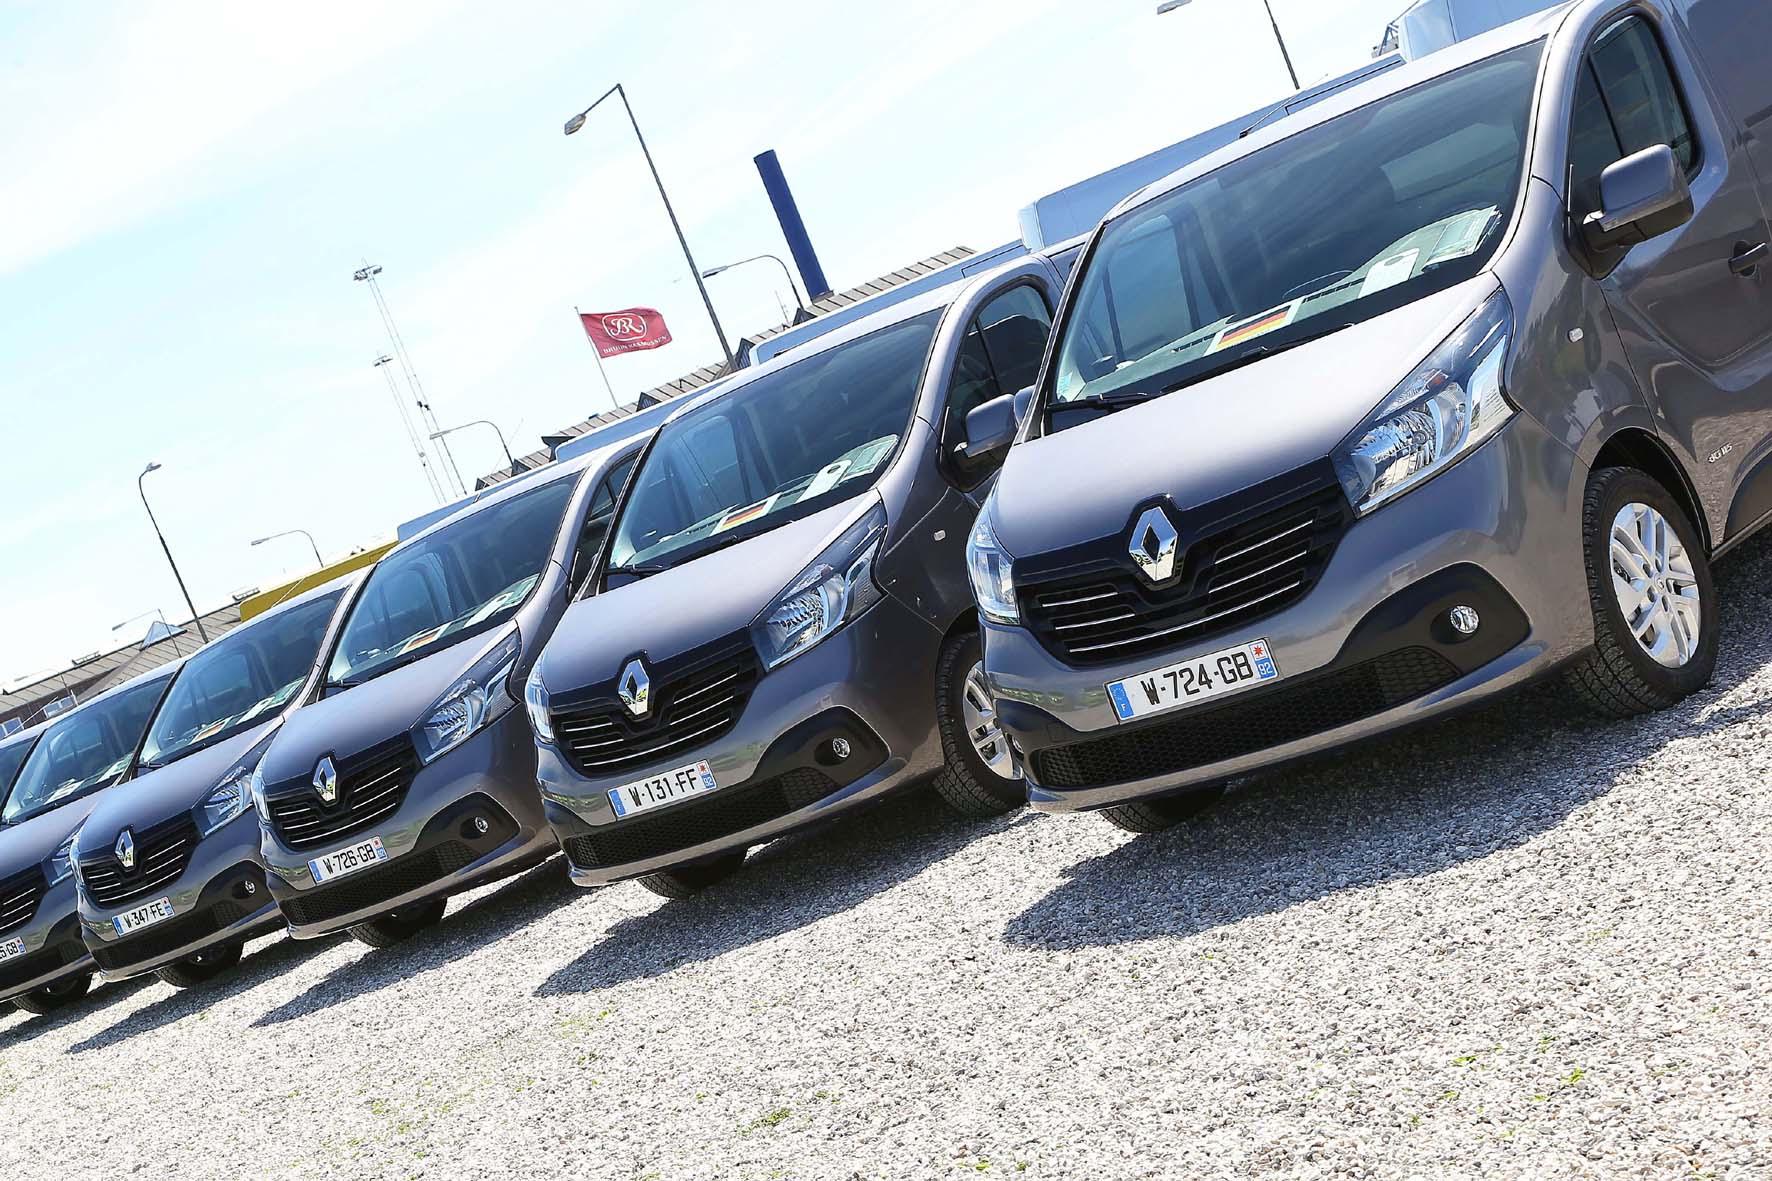 Renault Trafic Neuwagen nebeneinander